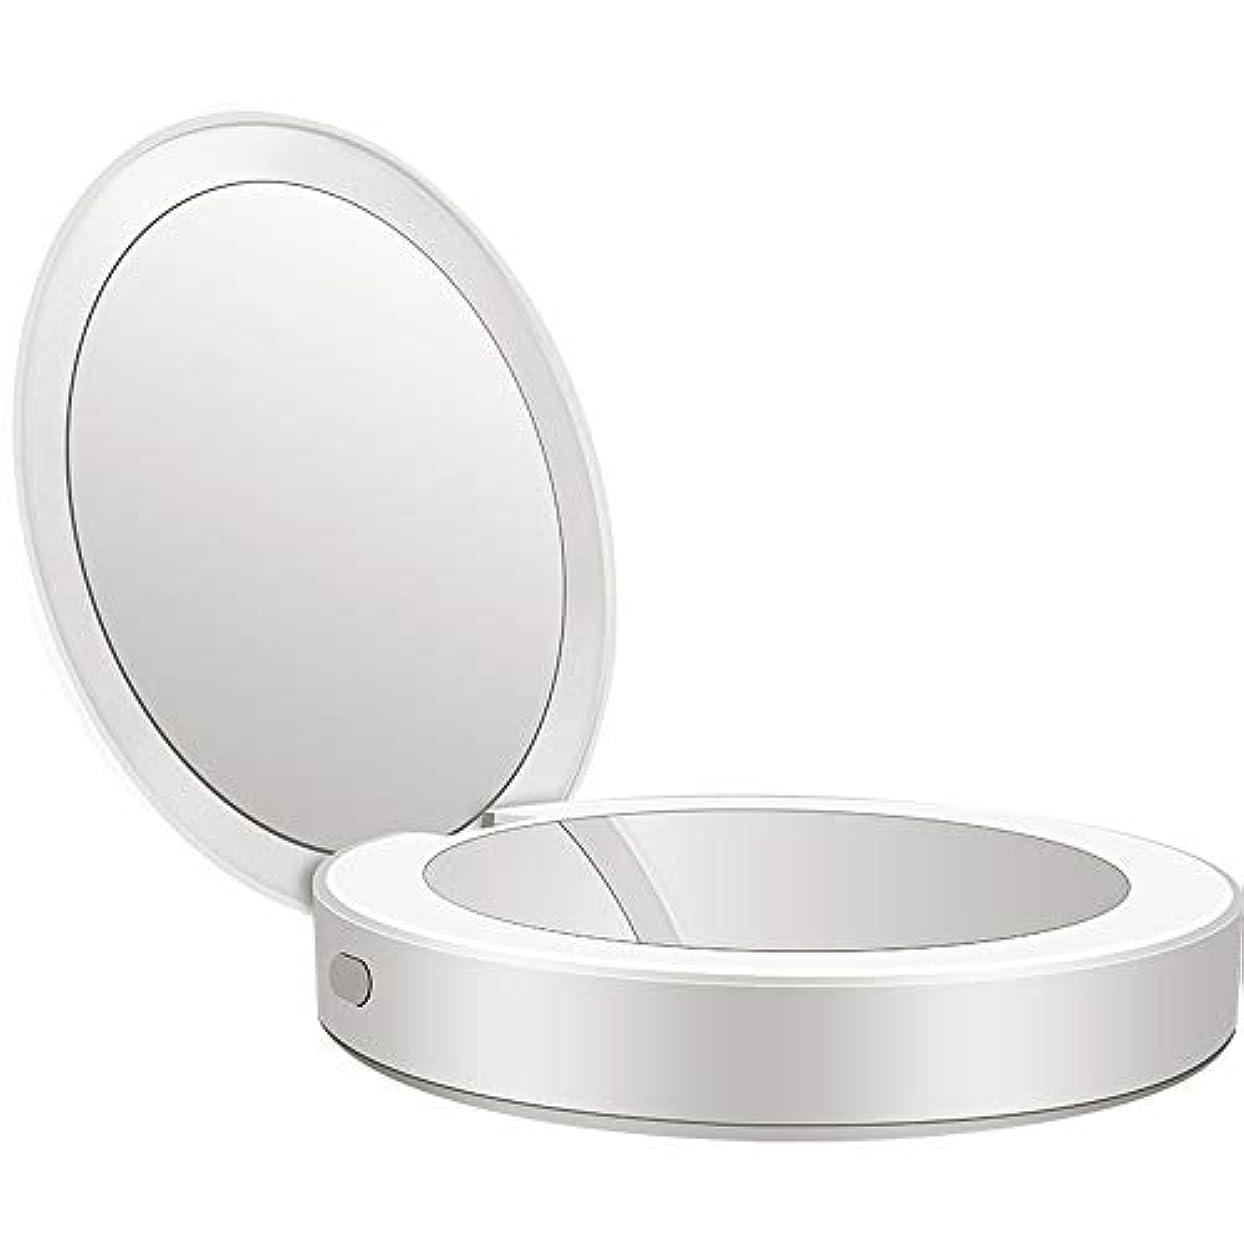 展望台権限を与える気味の悪い流行の 新しい多機能ポータブル折りたたみLEDライト化粧鏡フィルライト充電宝物鏡ABS素材ギフトギフトライト充電虫眼鏡 (色 : Silver)